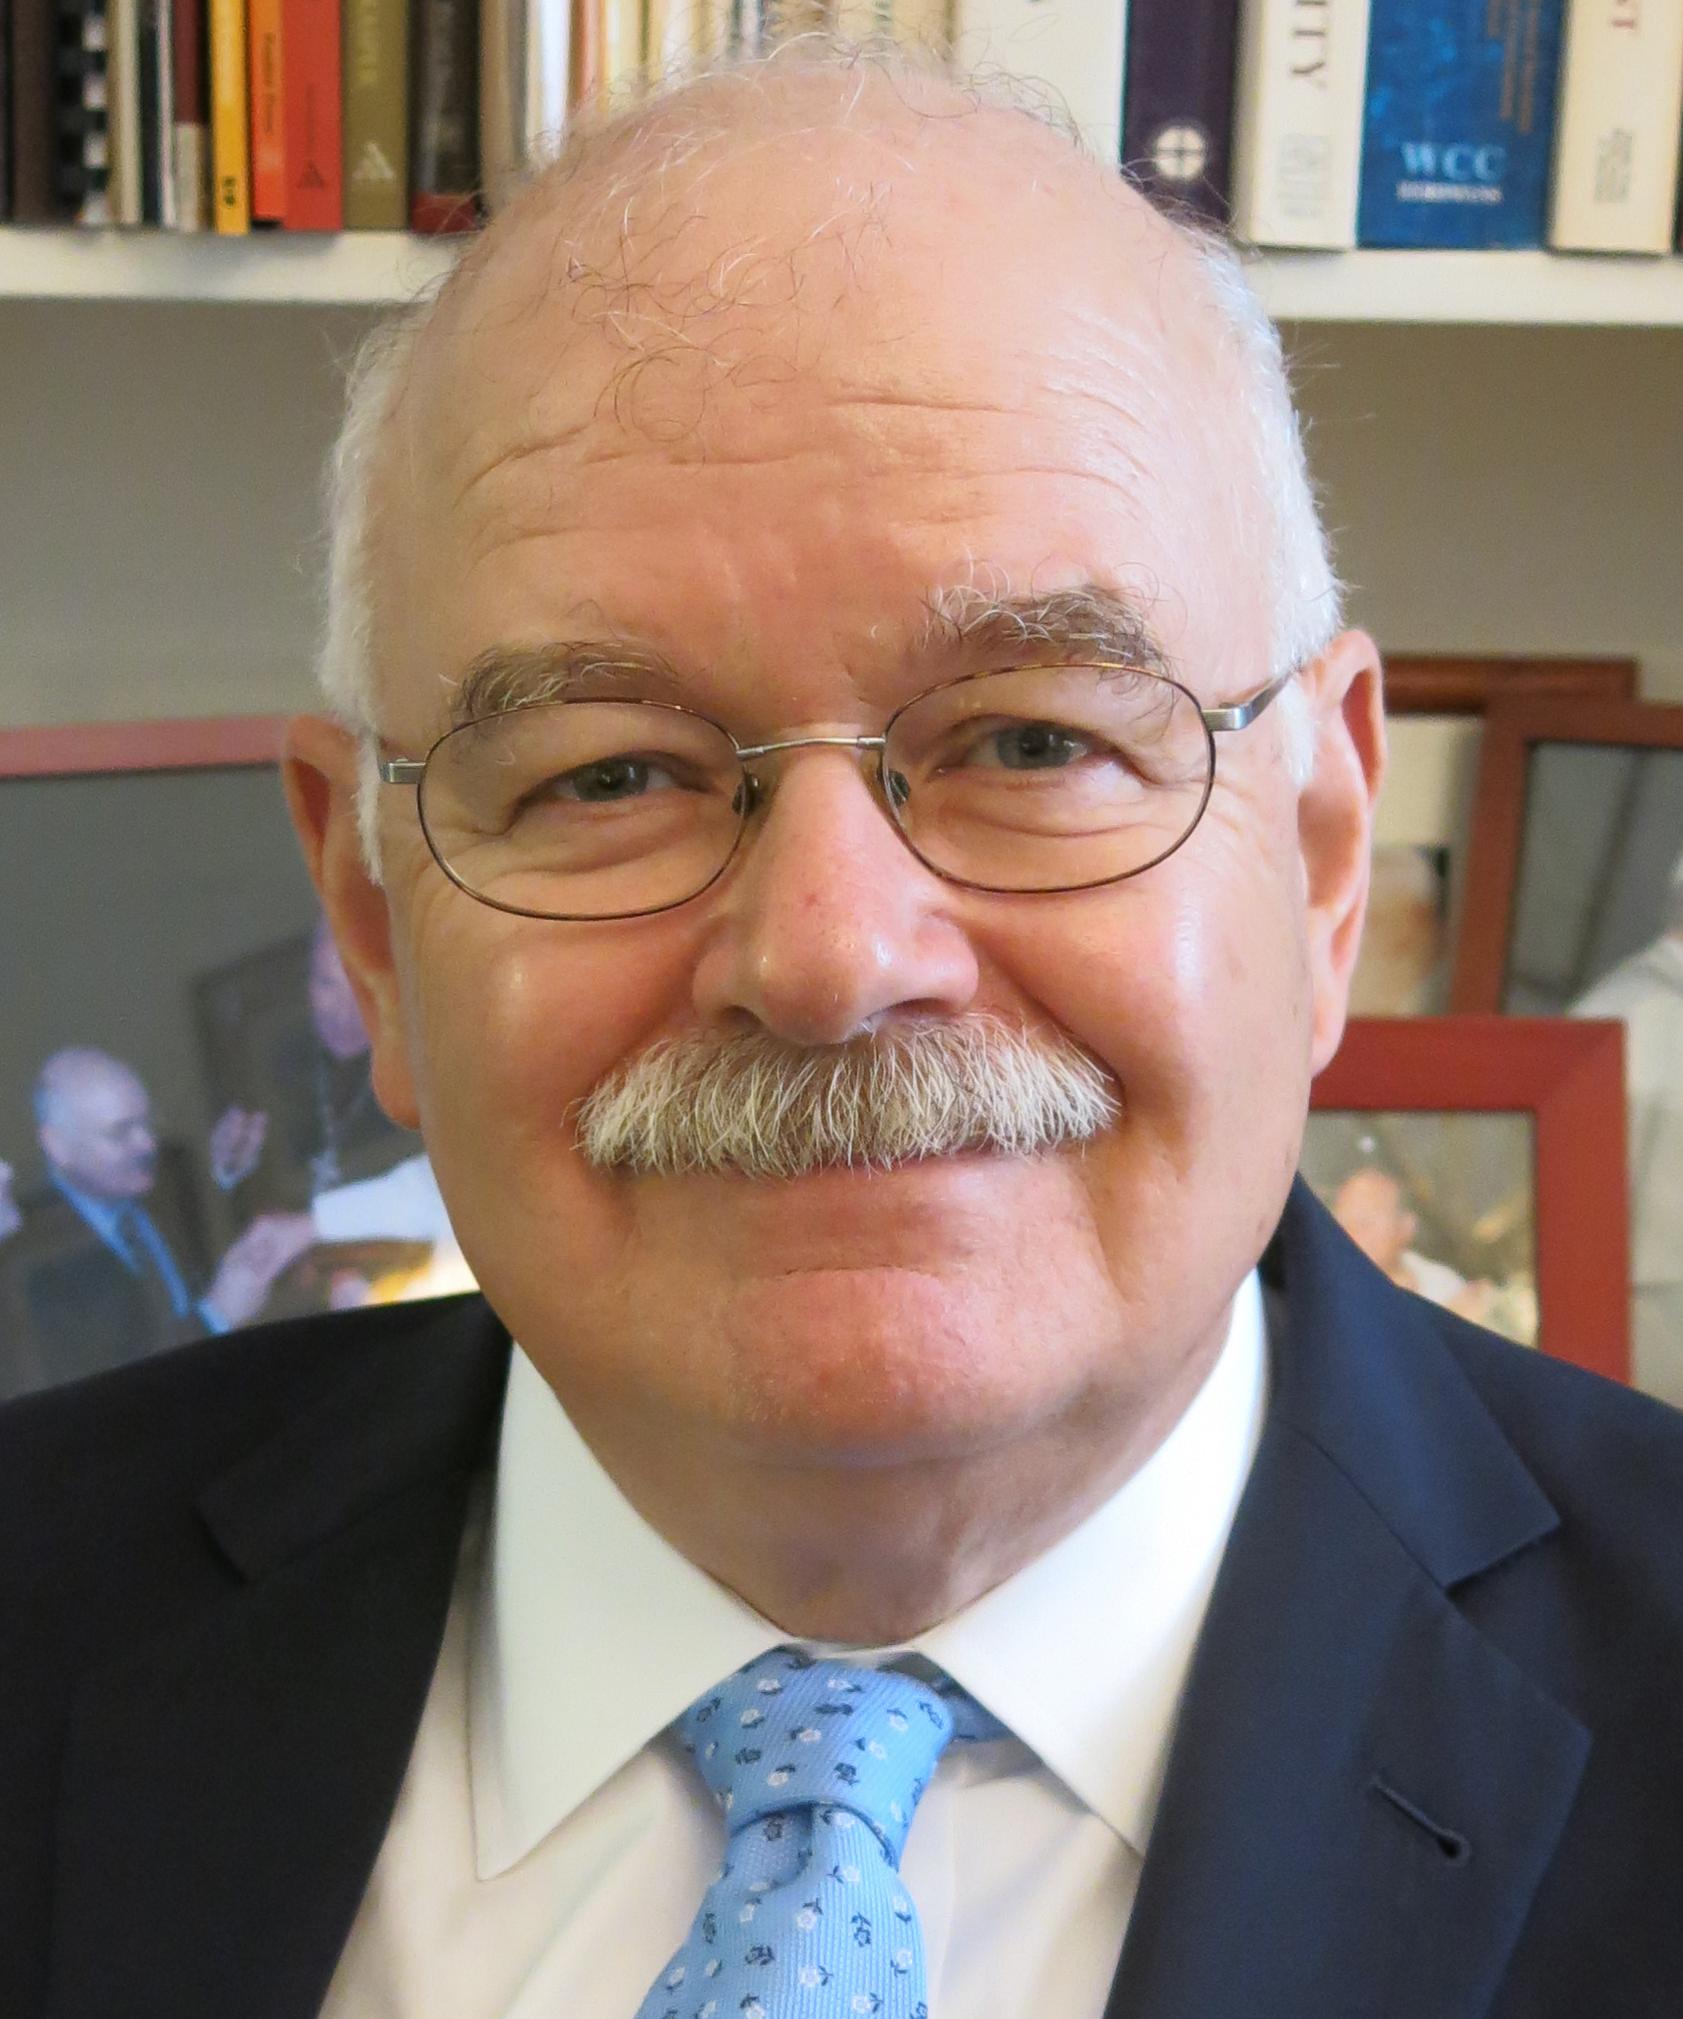 John Borelli headshot